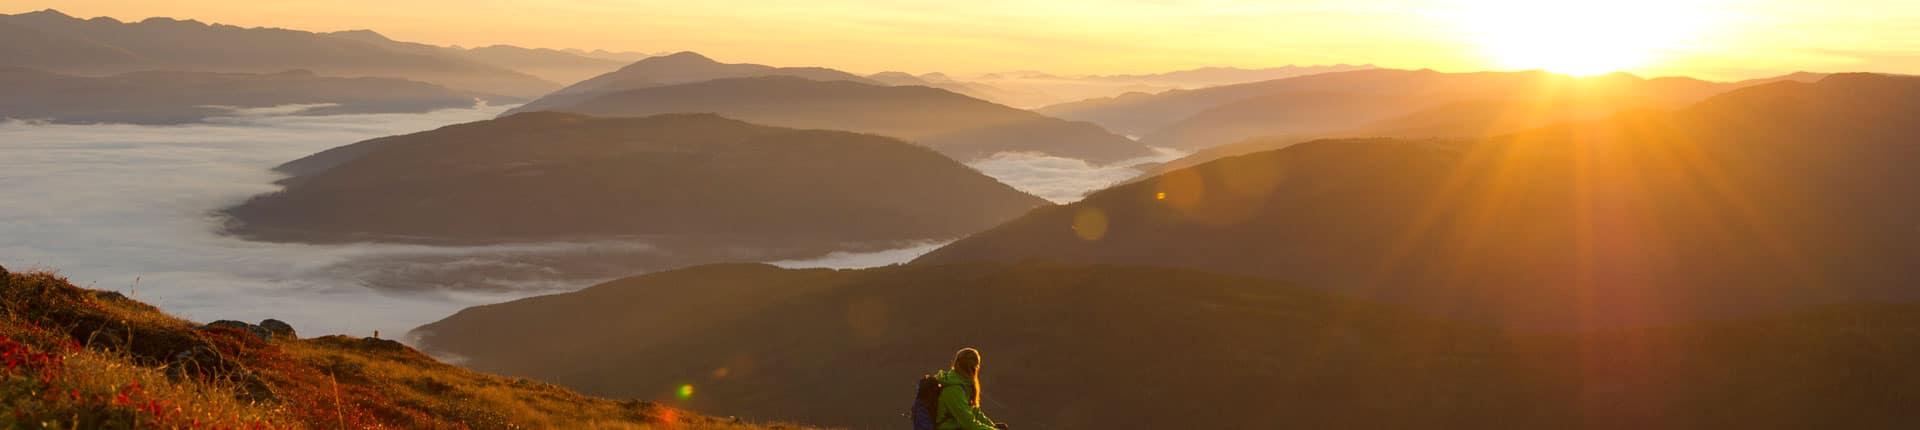 Sonnenaufgang im Hergst am Nockberge-Trail Wanderroute